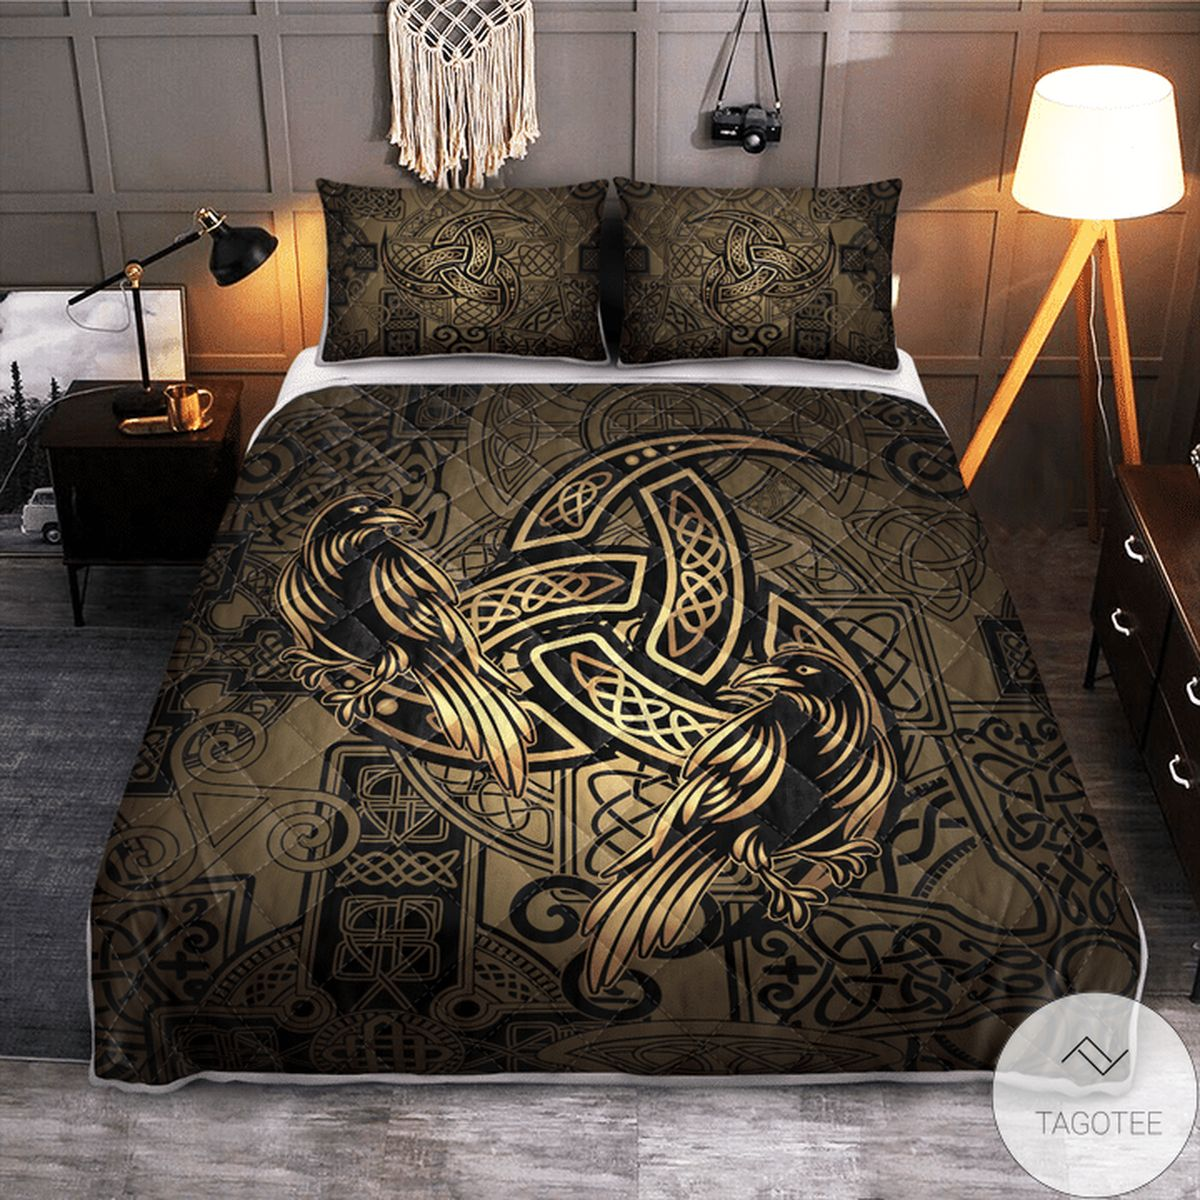 Us Store Totem Birds Raven Huginn And Muninn Ravens Of Odin - Viking Quilt Bedding Set